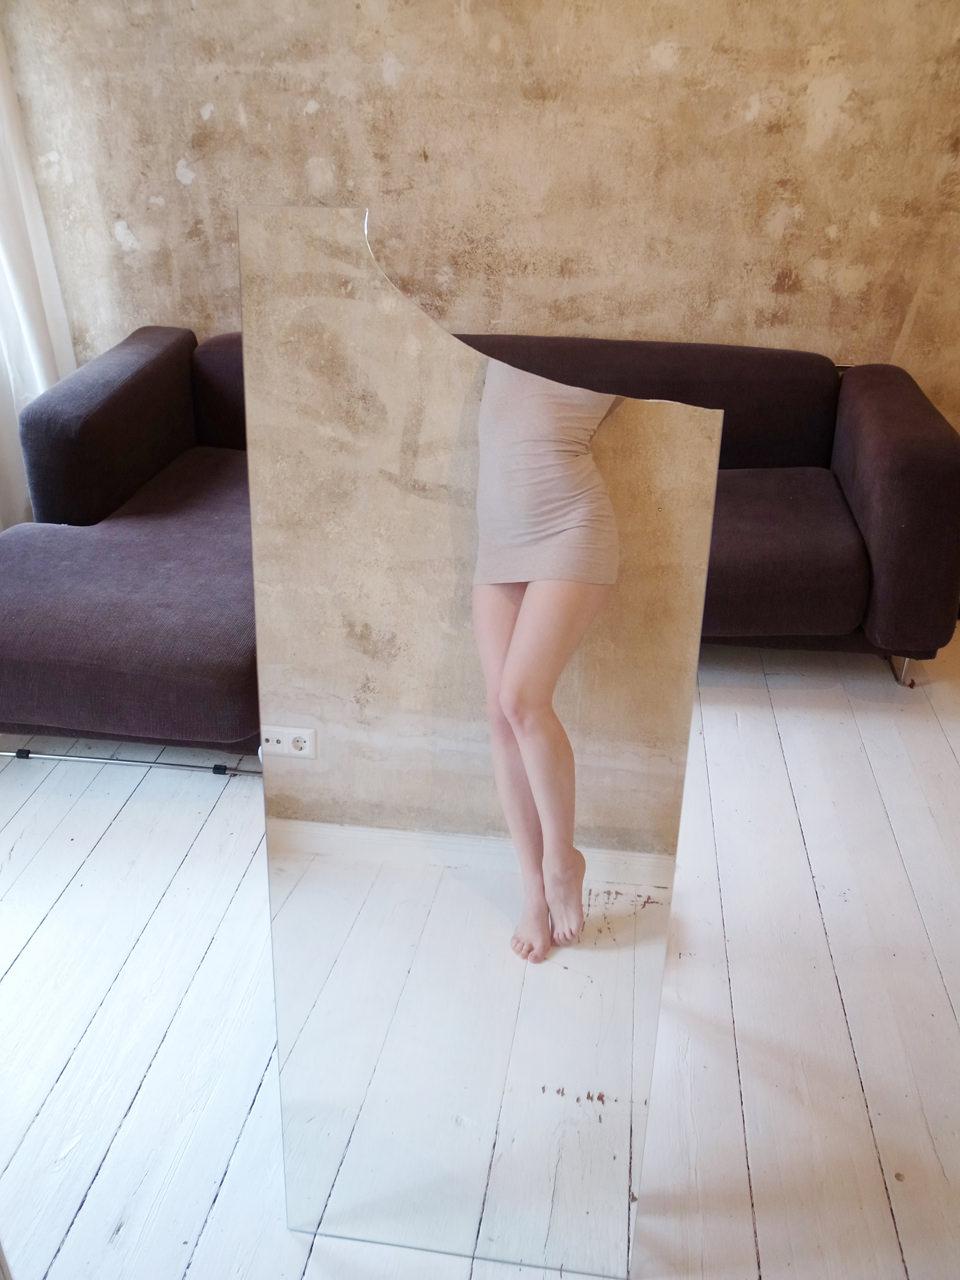 Frau ohne Kopf und ein Spiegel mit einer hübschen Wand.